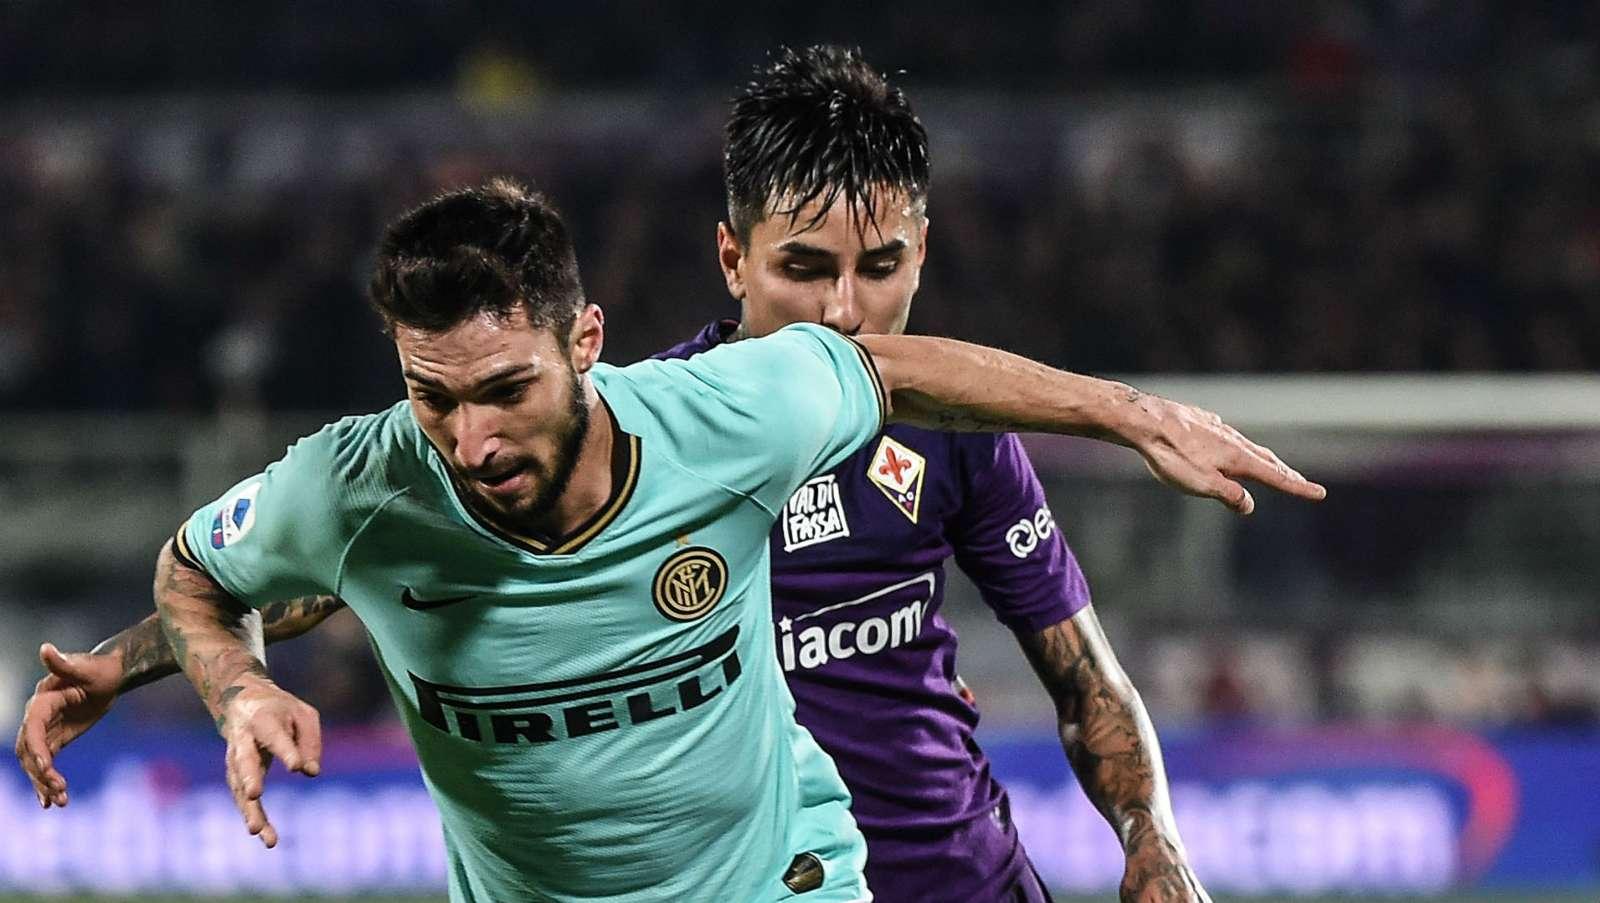 都体:罗马有意签下波利塔诺,球员自己也想回归